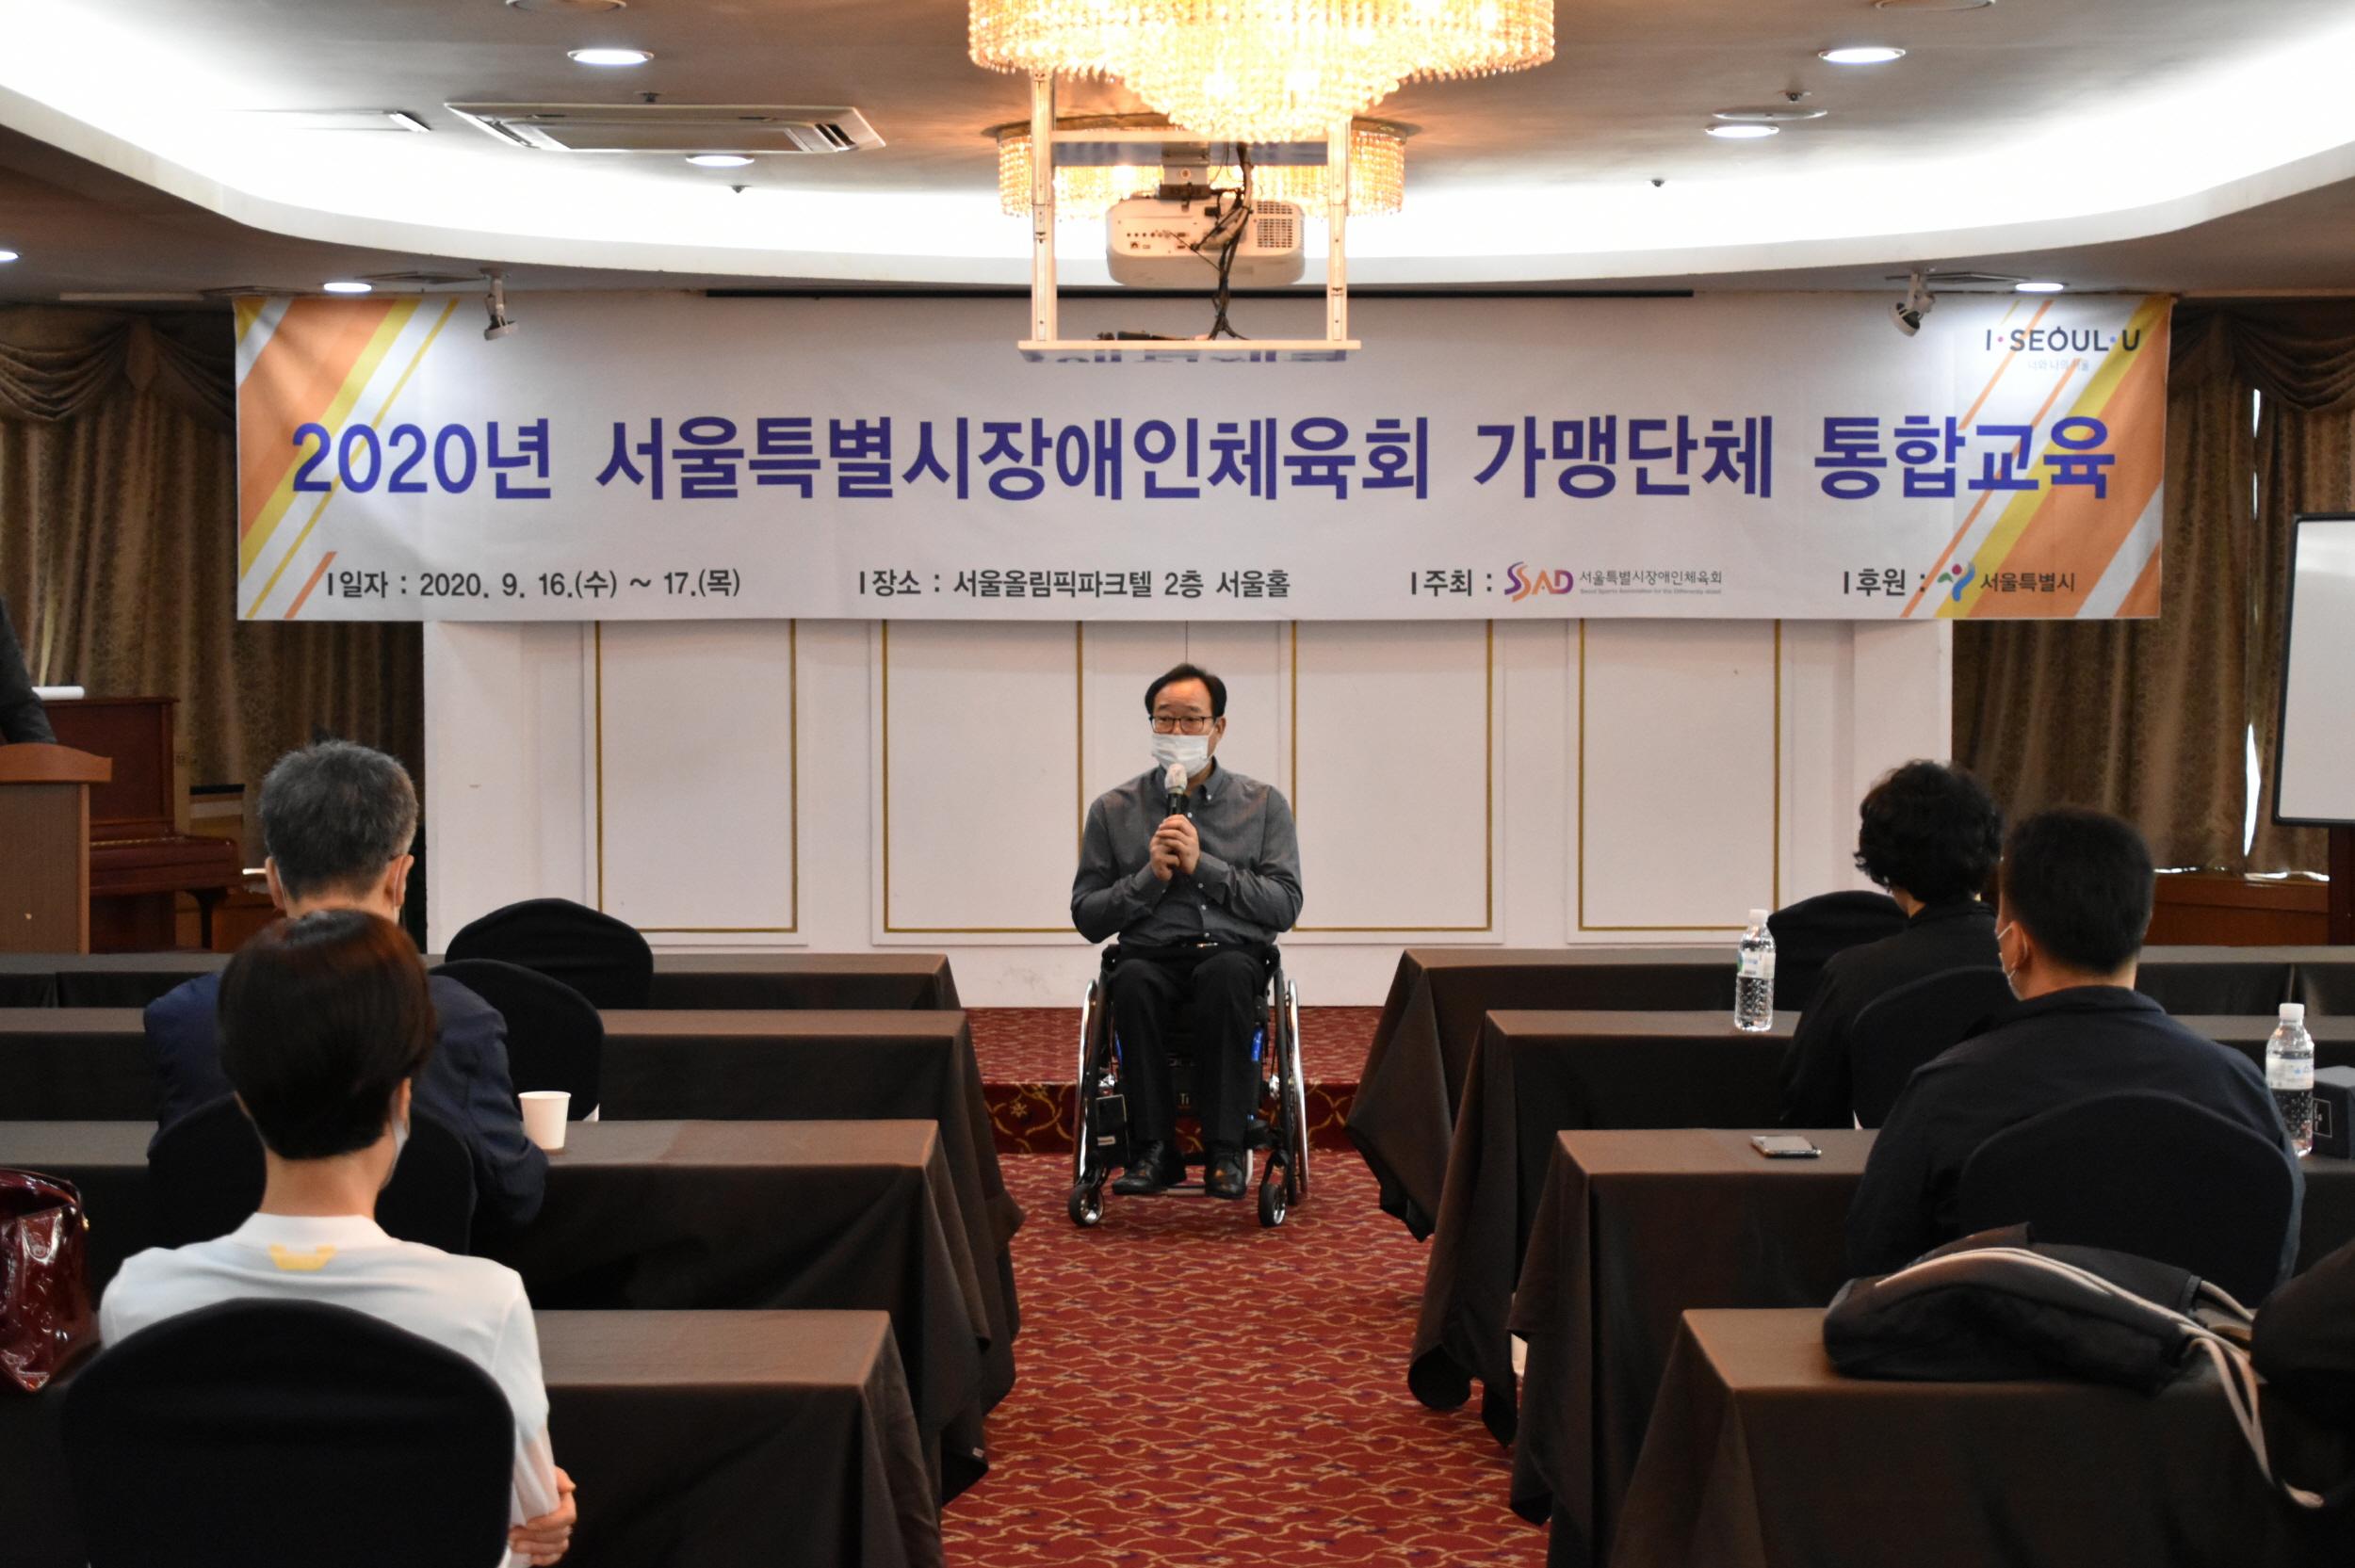 2020 가맹단체 통합교육[2020.9.16.~17.]